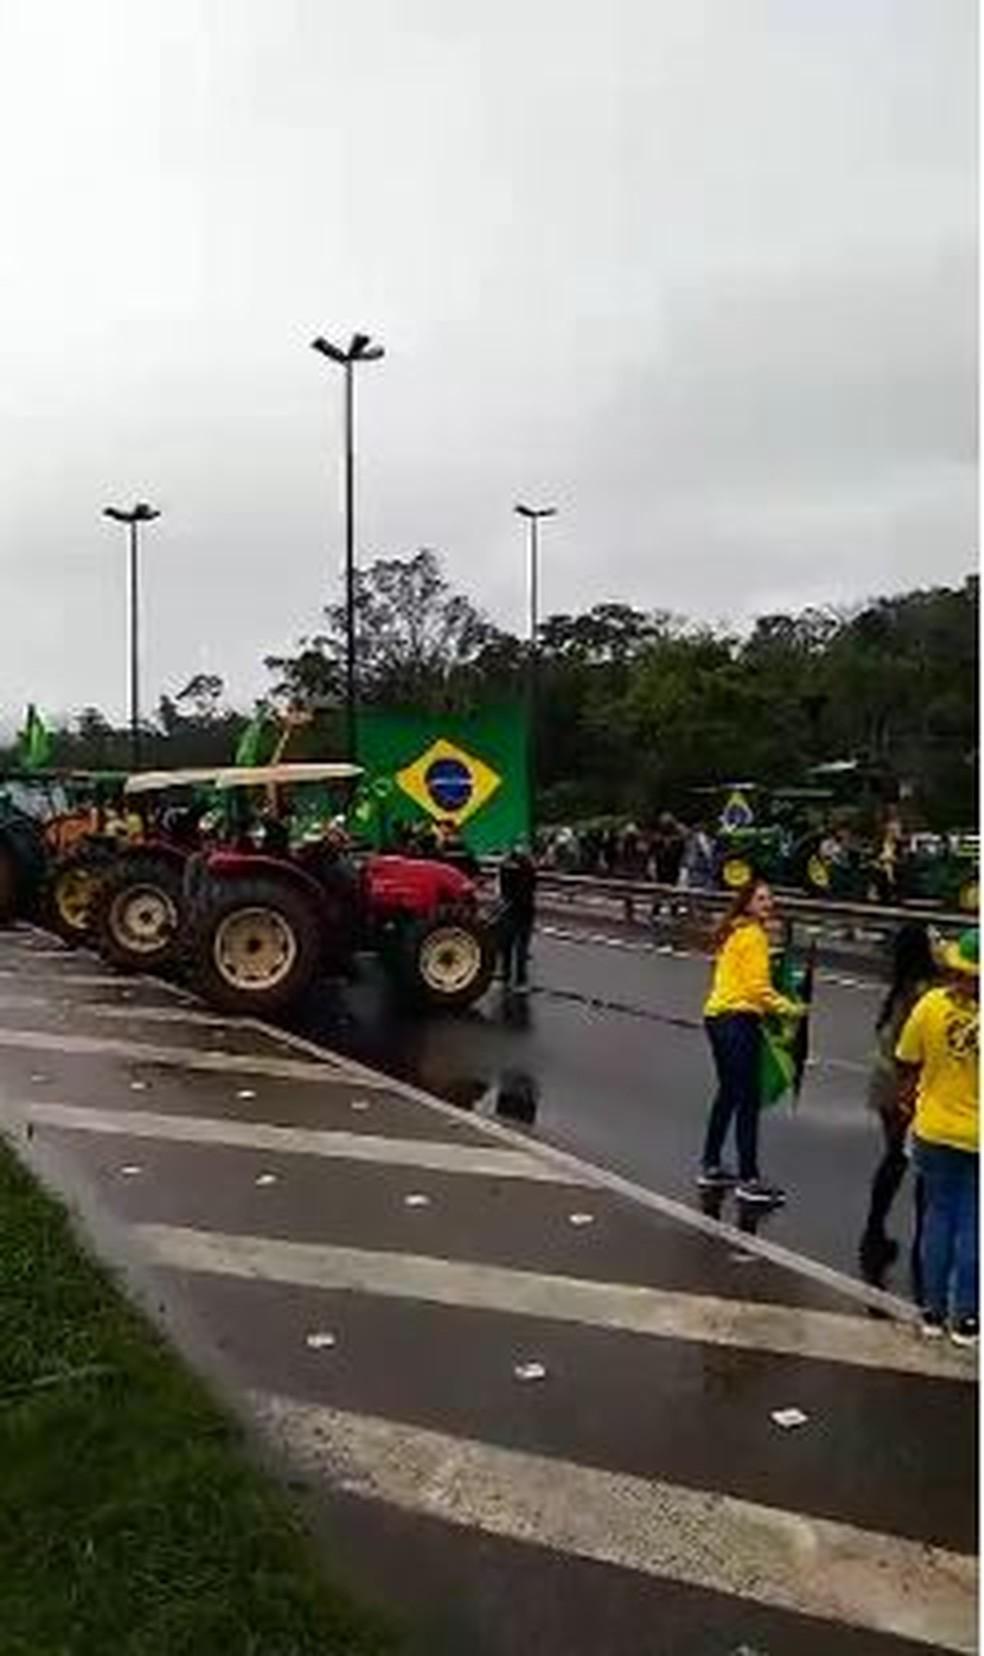 Garuva, por volta das 8h, de terça-feira: Ato reuniu apoiadores do presidente Bolsonaro — Foto: Adriana Ferreira/ Arquivo pessoal